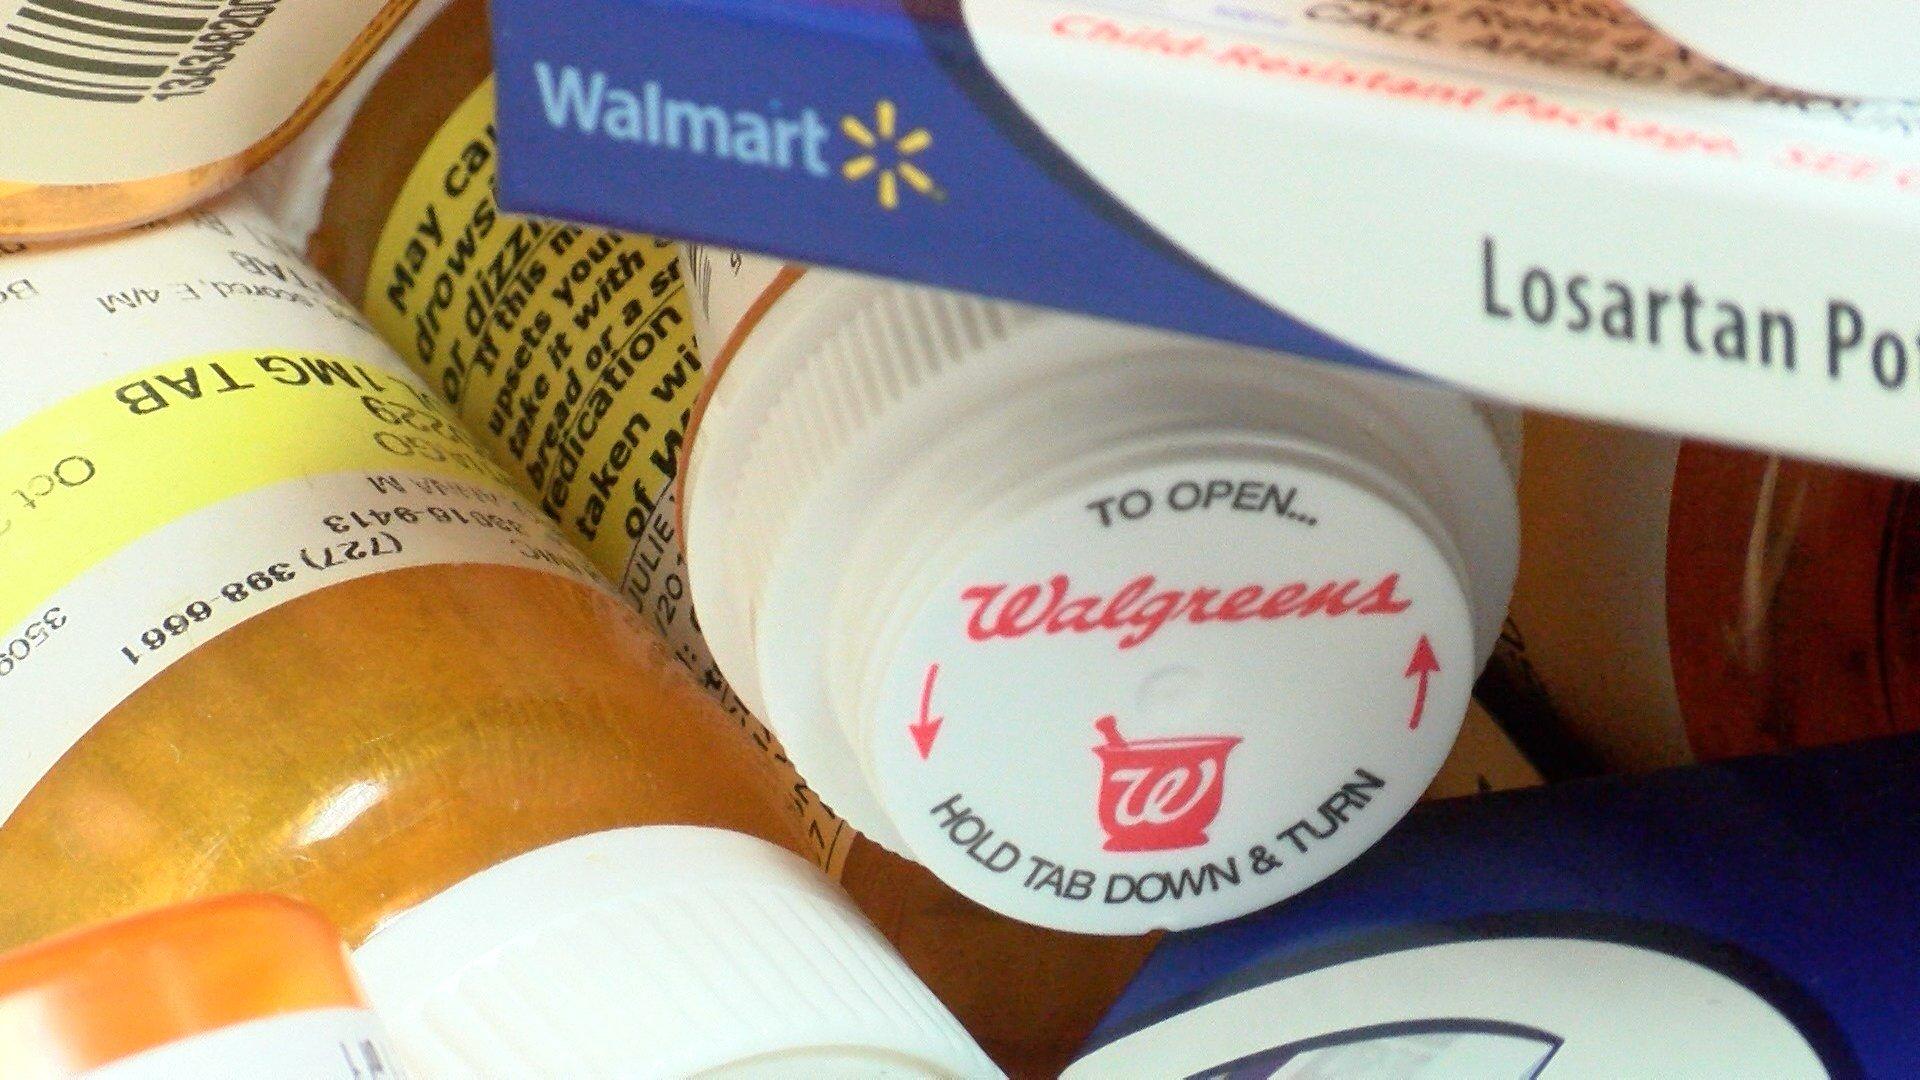 National Prescription Drug Take Back Day is October 22